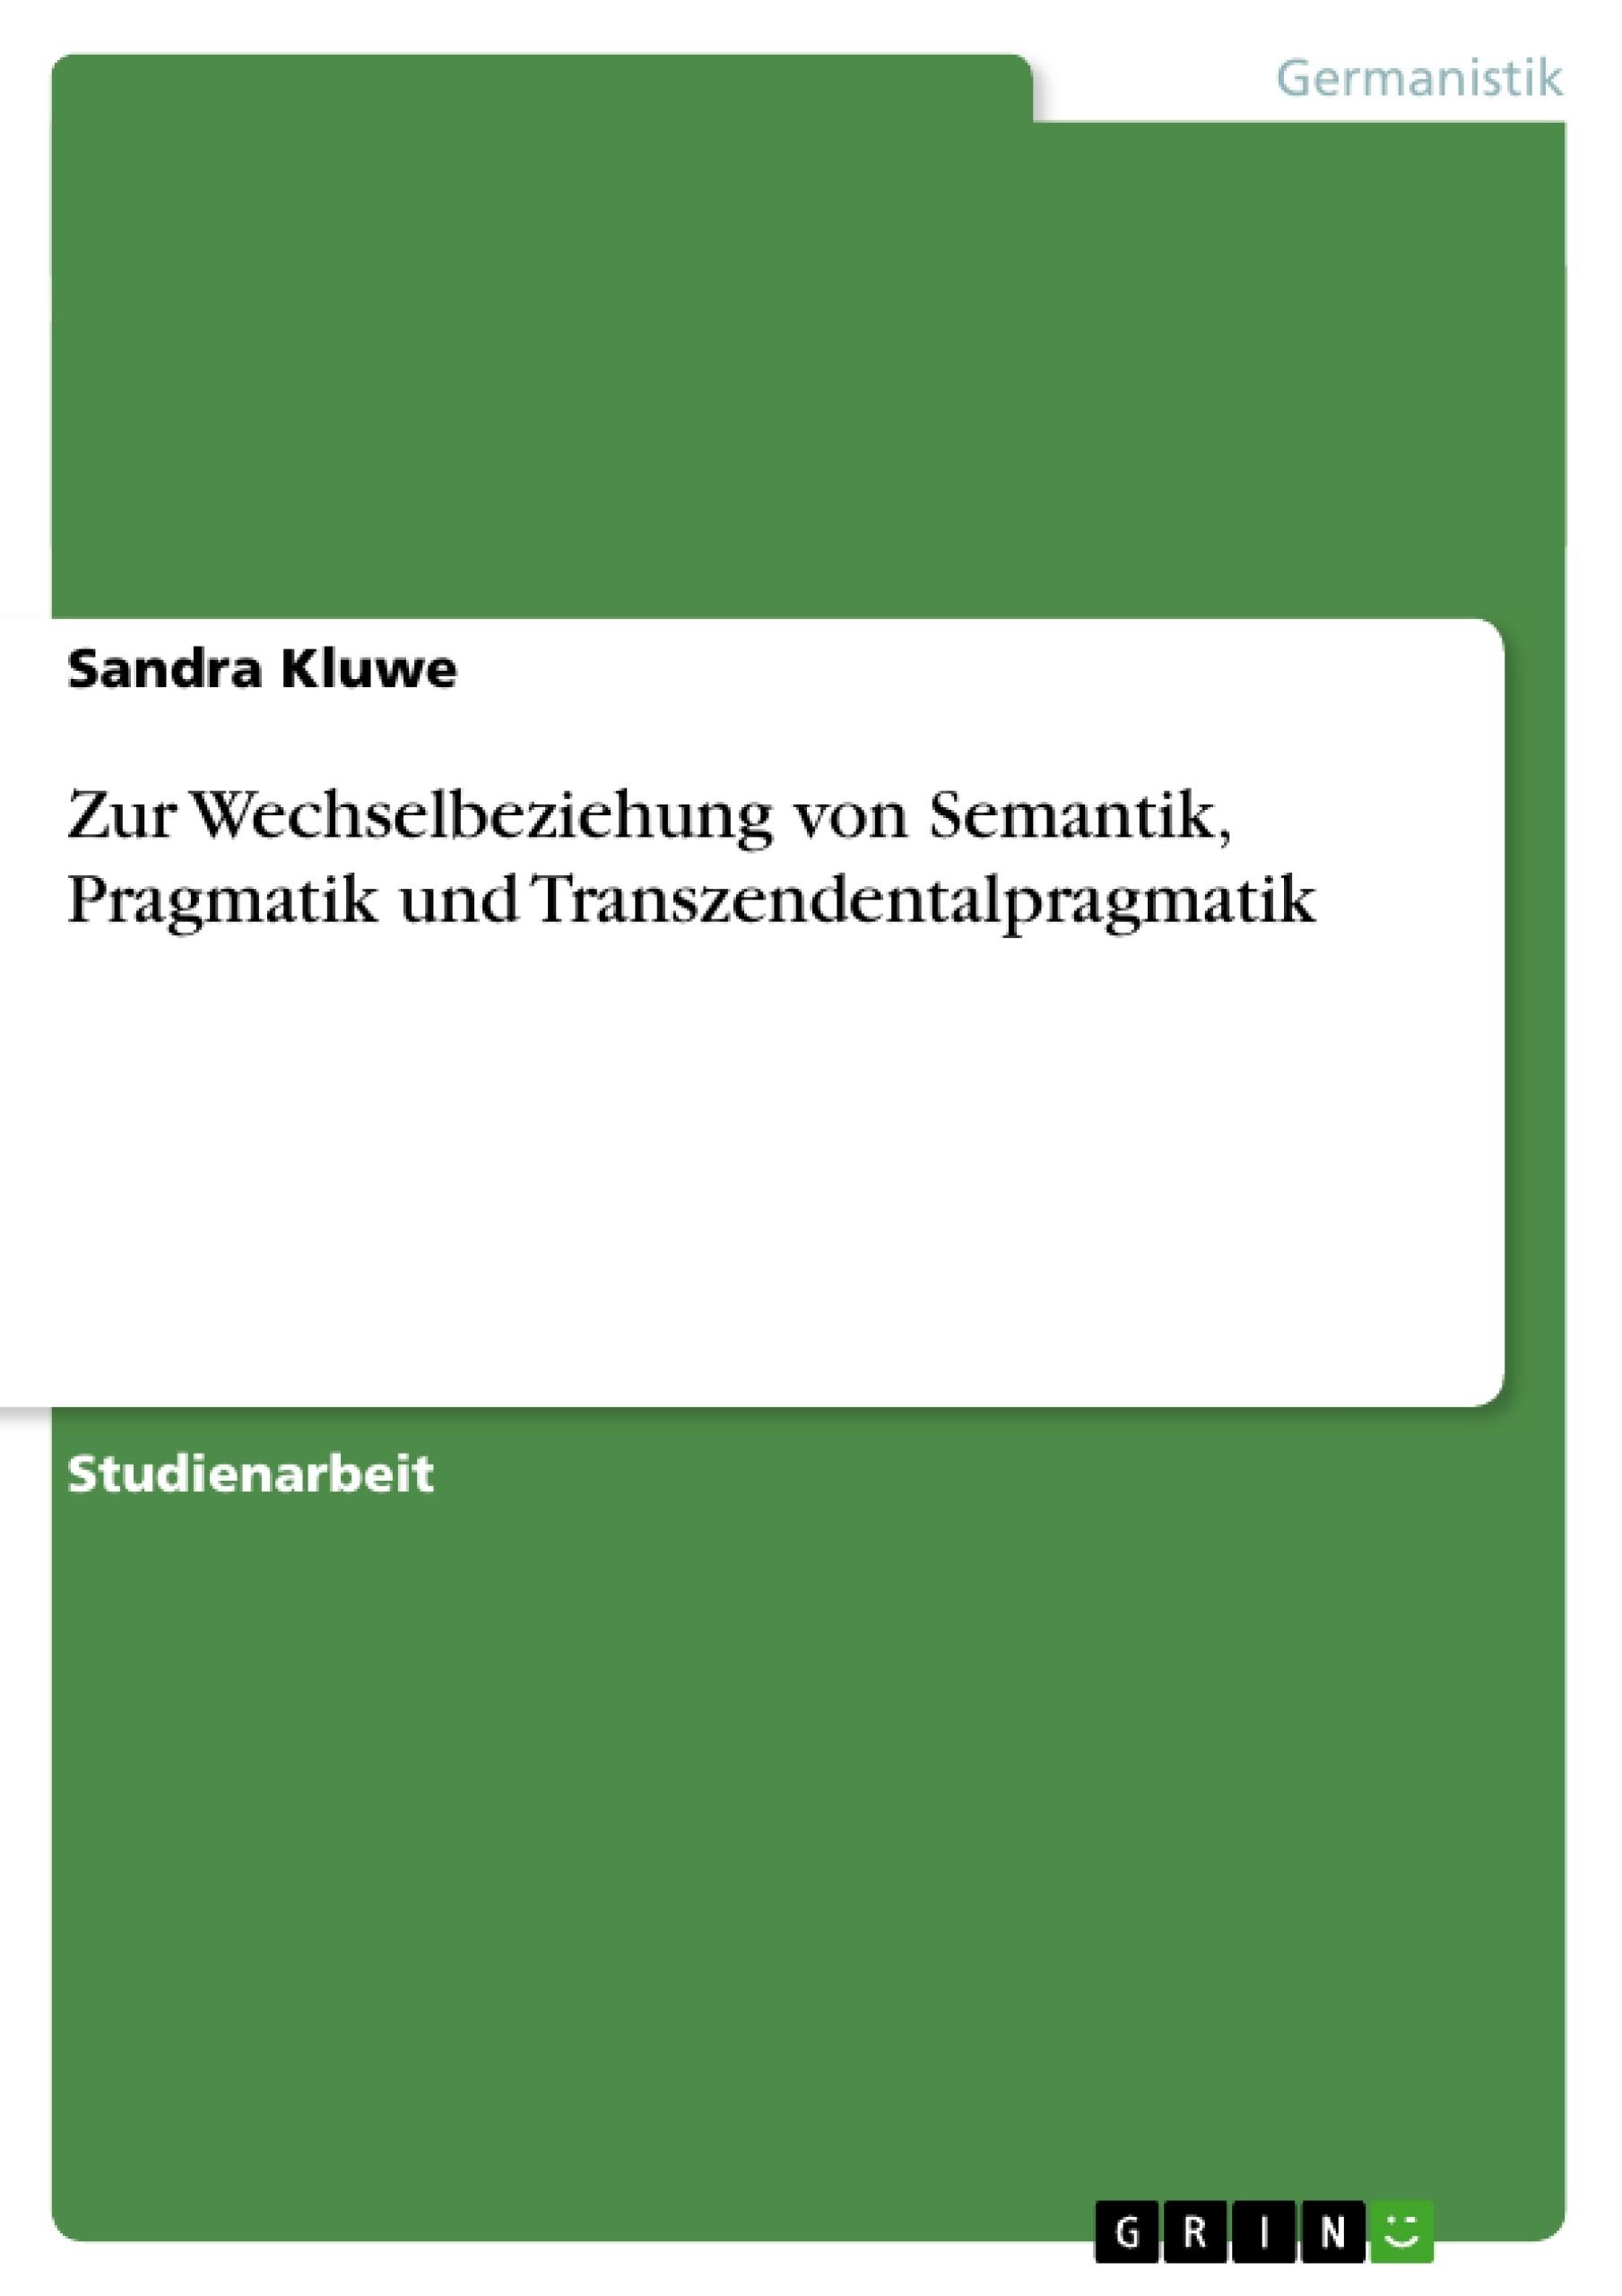 Titel: Zur Wechselbeziehung von Semantik, Pragmatik und Transzendentalpragmatik